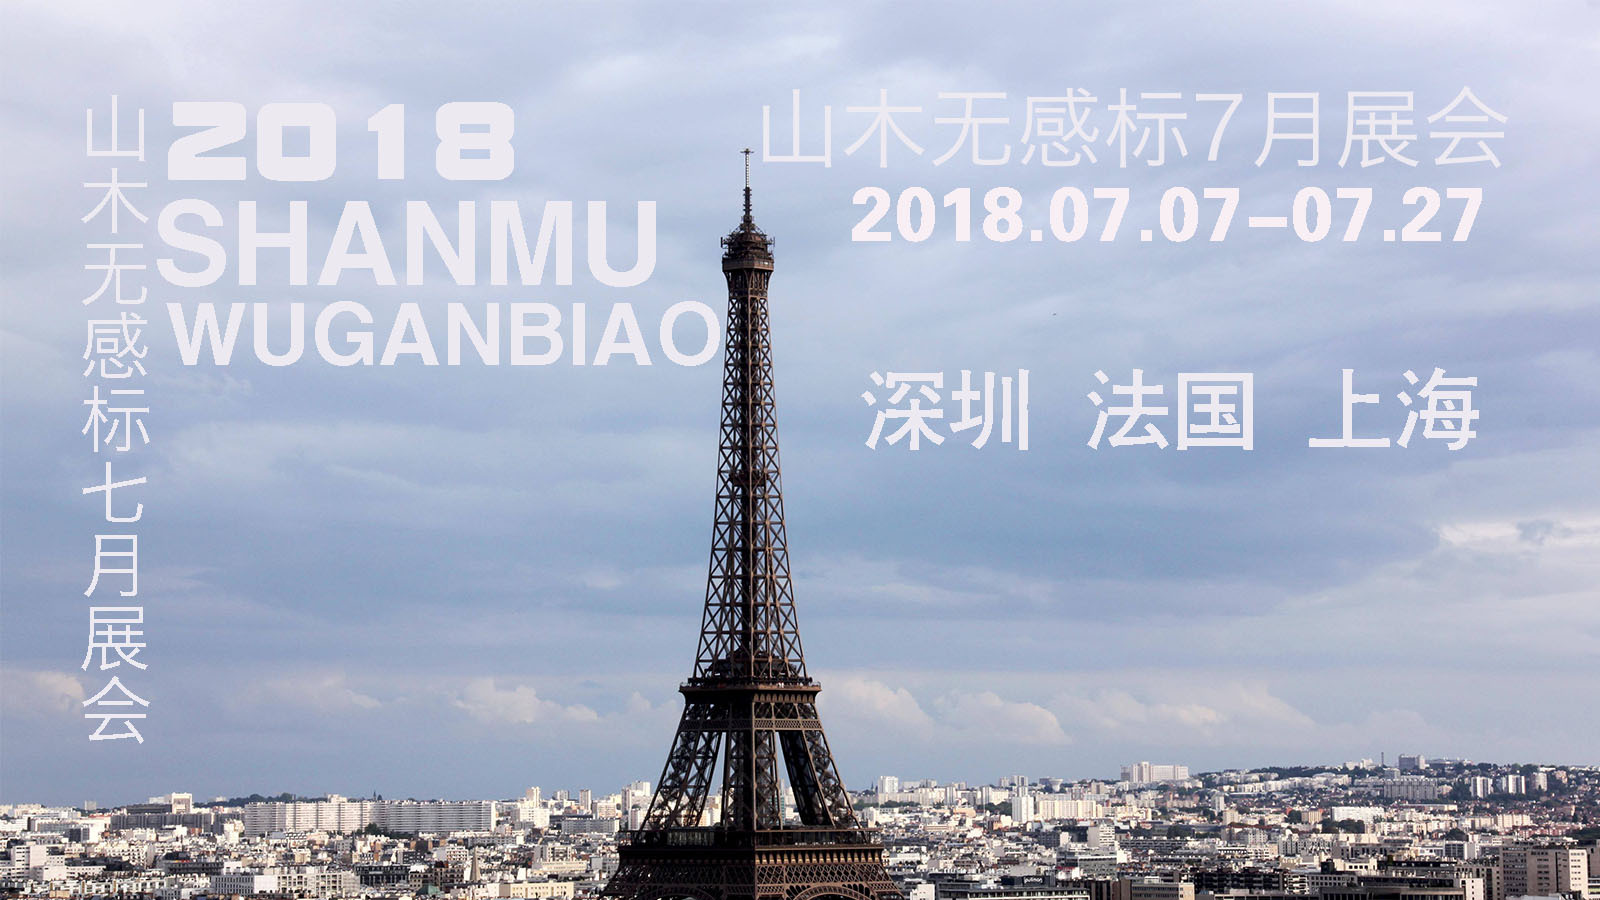 2019上海时尚内衣展_巴黎、深圳、上海山木无感标7月展会预告!